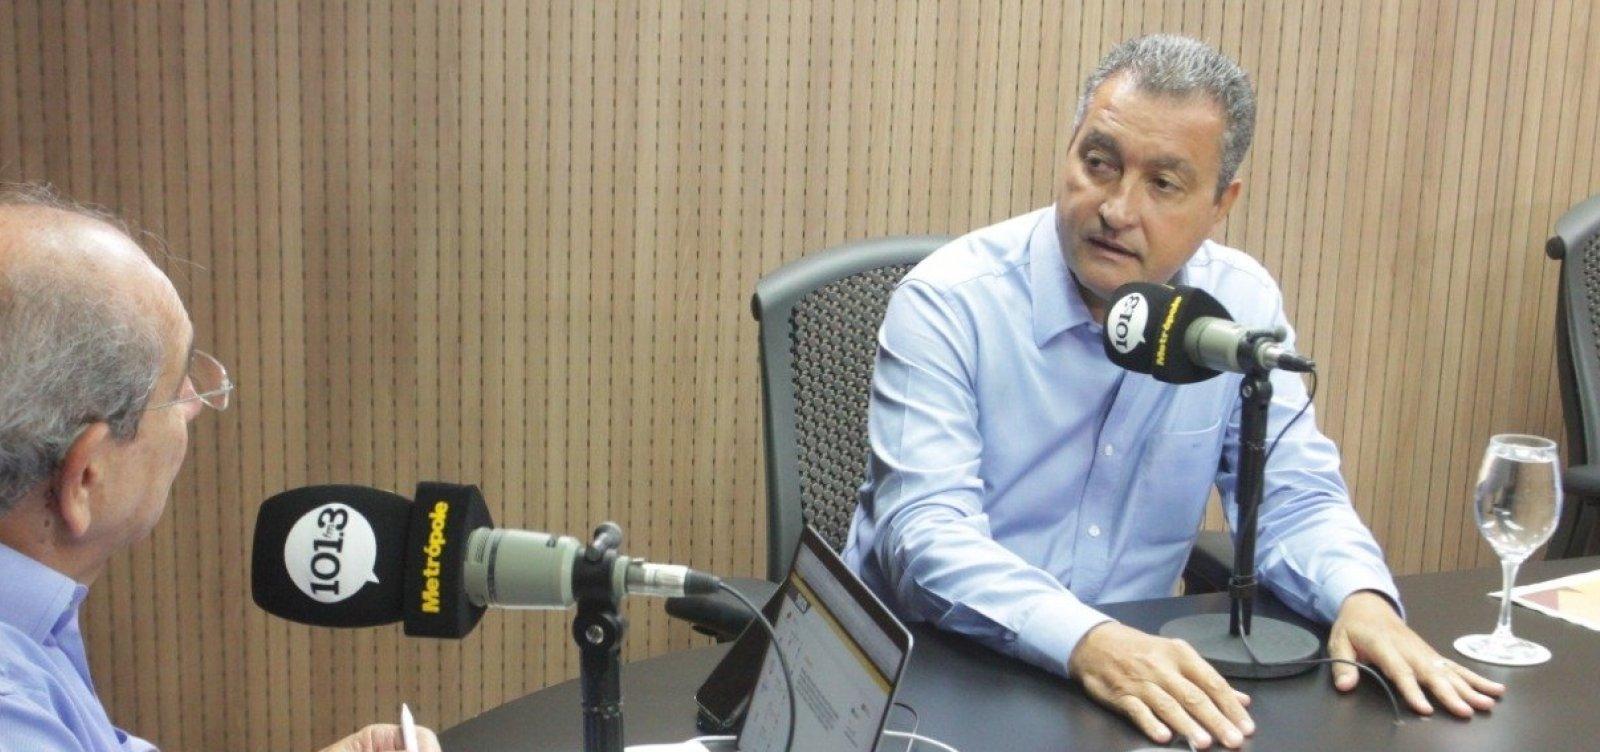 [Rui elogia postura de militares no governo Bolsonaro: 'São os mais serenos e cautelosos']